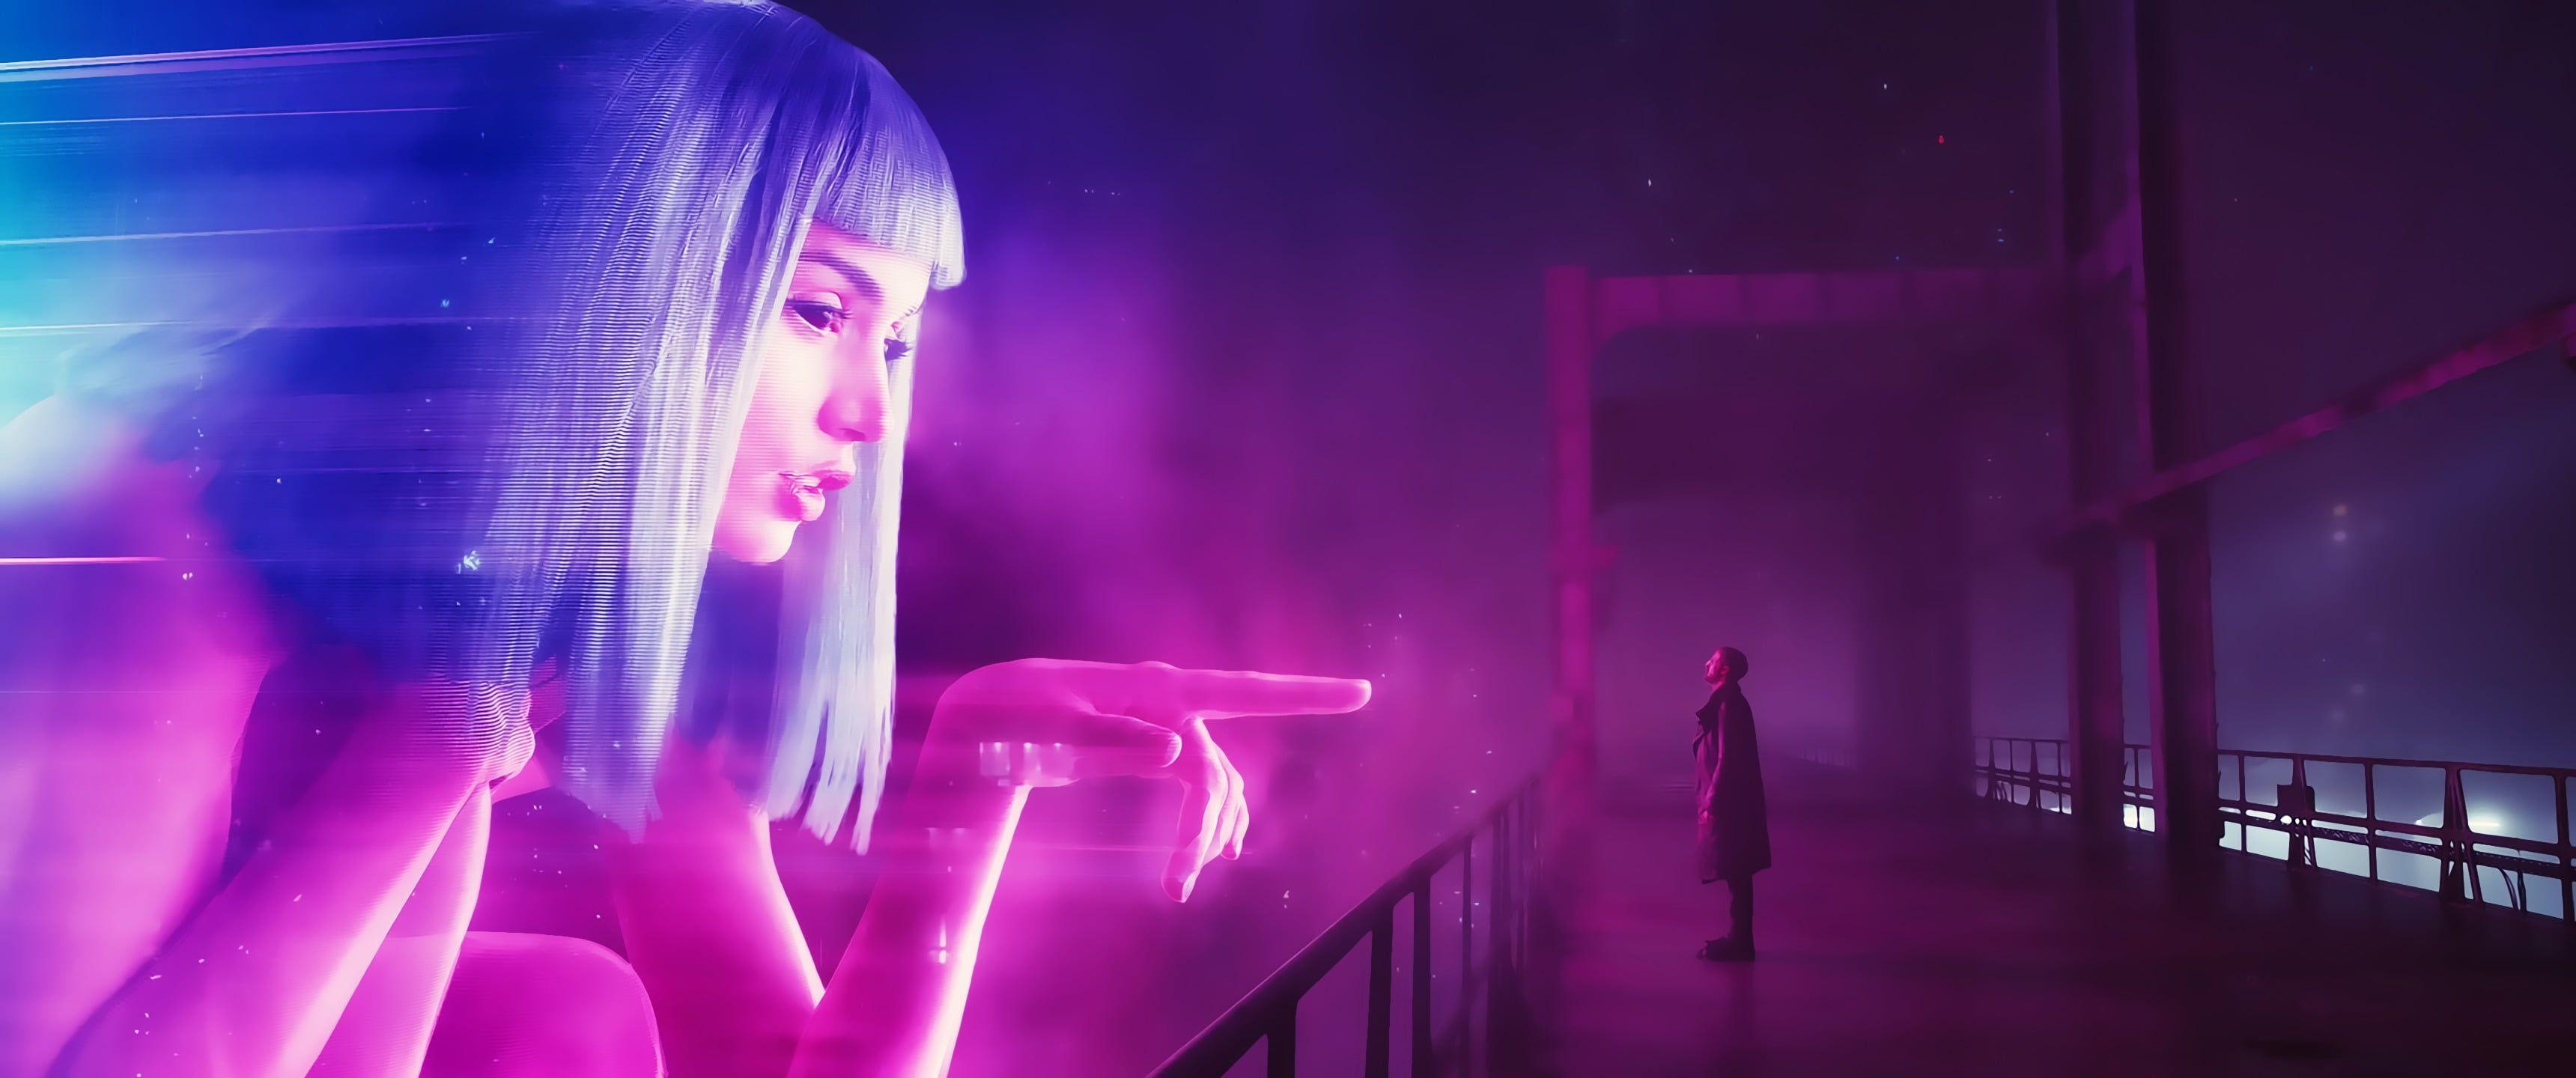 White Haired Woman Digital Wallpaper Blade Runner 2049 Cyberpunk Movies Blade Runner Joi 2k Wallpaper Hdwallpaper Desktop